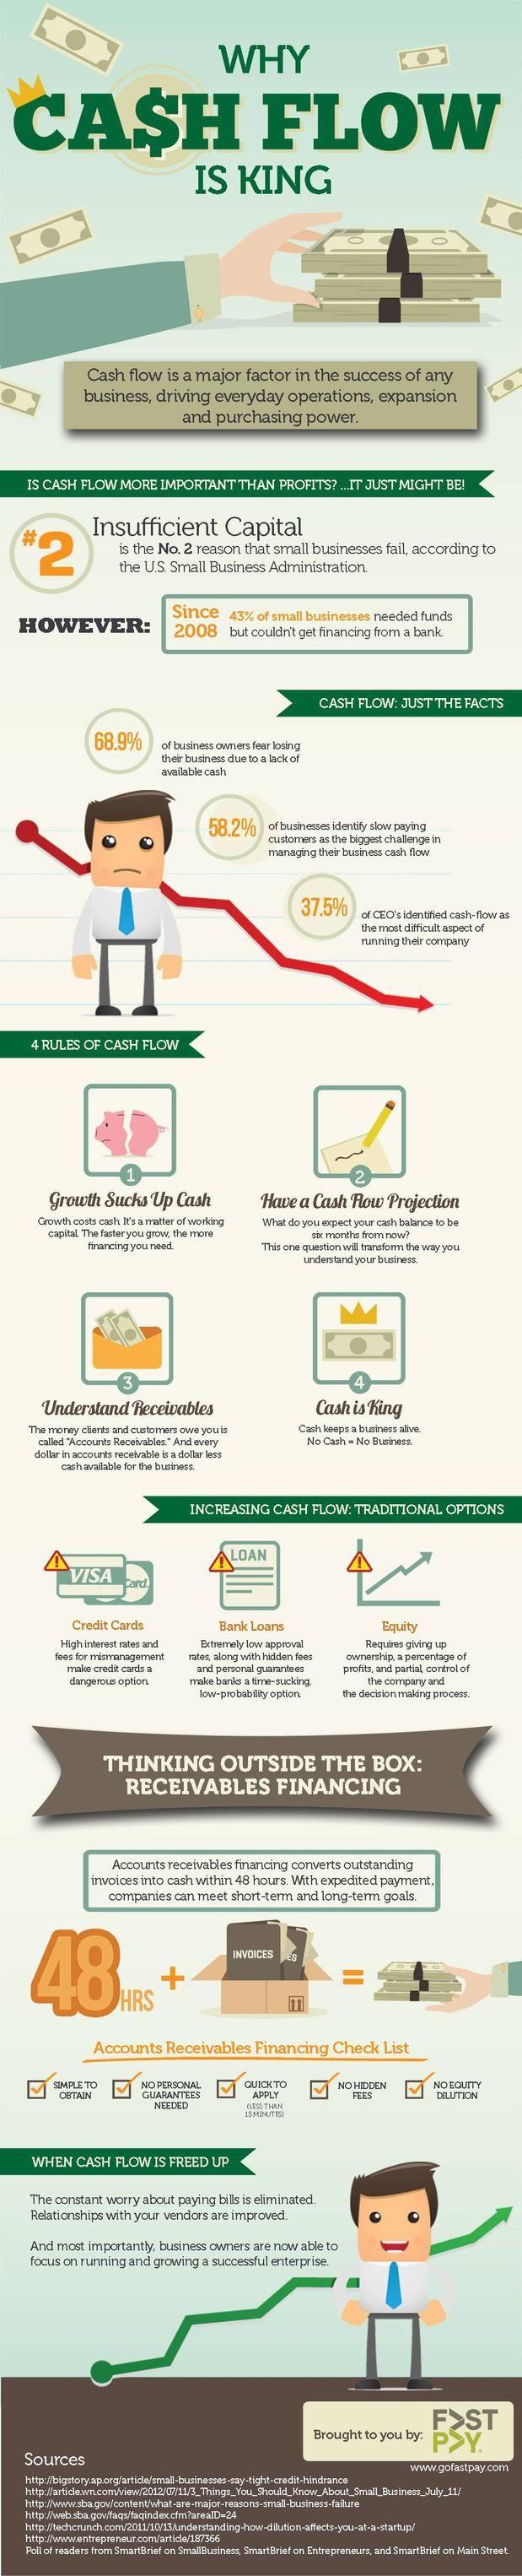 Buffalo payday loan image 5